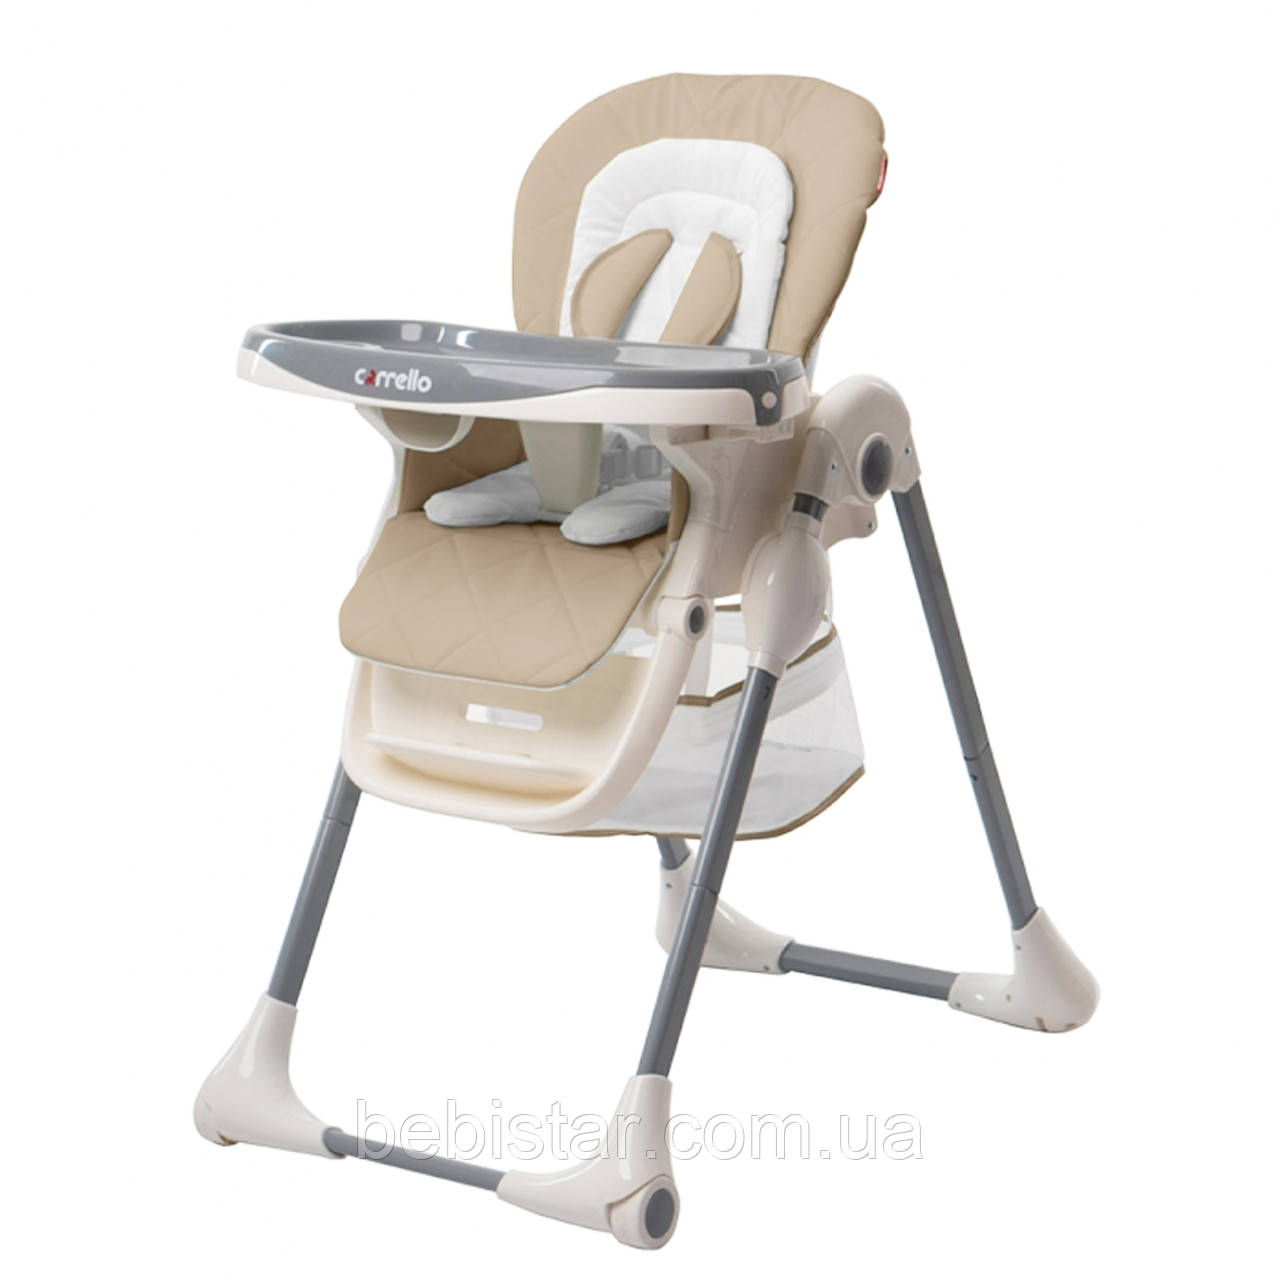 Стульчик для кормления бежевый CARRELLO Toffee CRL-9502/1 Desert Beige деткам от 6 месяцев до 3 лет